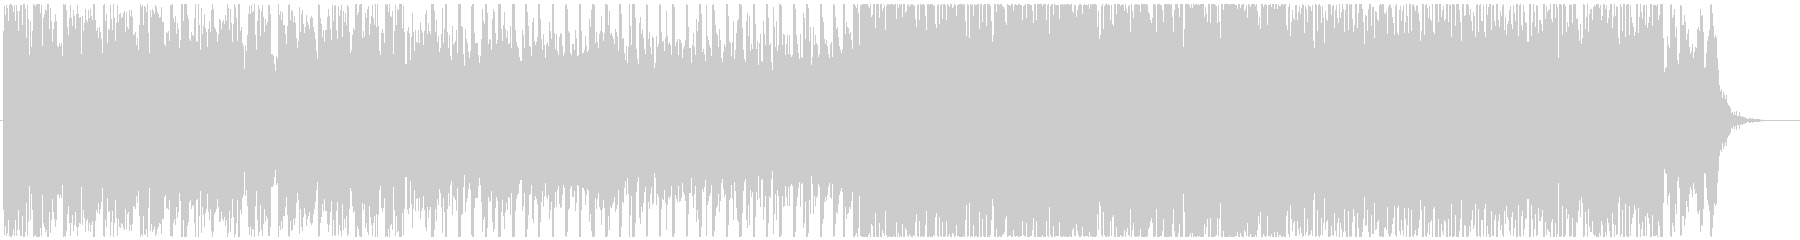 明るく盛り上がる王道ピアノEDMの未再生の波形